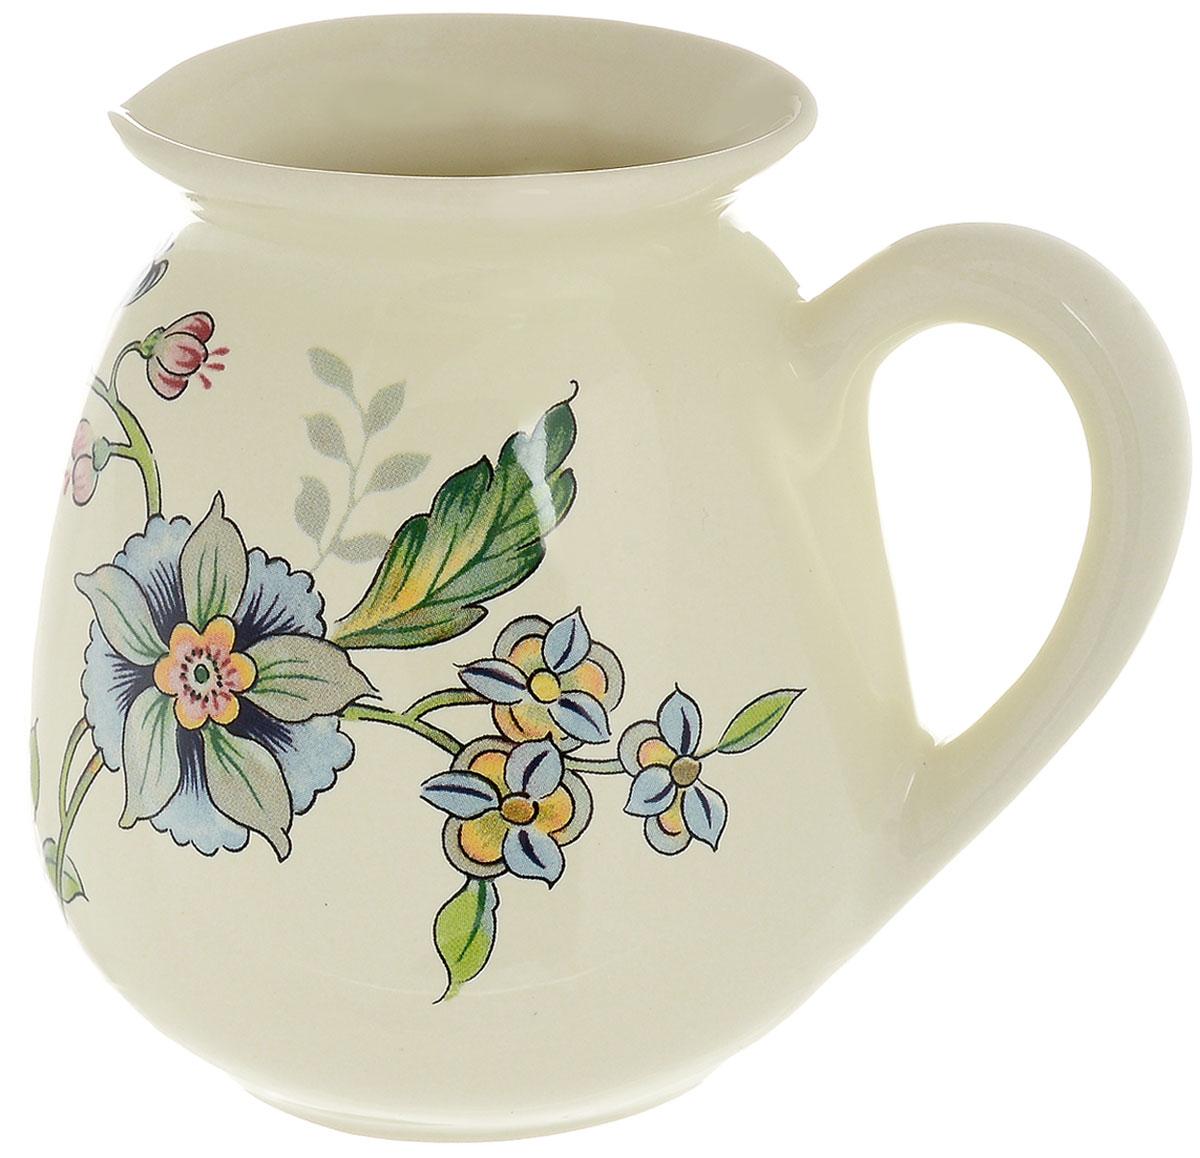 Молочник Nuova Cer Прованс, 350 млPRV-7361Молочник Nuova Cer Провансвыполнен из высококачественной керамики. Изделие станет незаменимым аксессуаром для тех, кто любит пить кофе или чай с добавлением молока. Дизайн молочника придется по вкусу и ценителям классики, и тем, кто предпочитает утонченность и изысканность. Также молочник послужит приятным и практичным подарком. Изделие нельзя мыть в посудомоечной машине. Диаметр молочника по верхнему краю: 7 см. Высота молочника: 11 см.